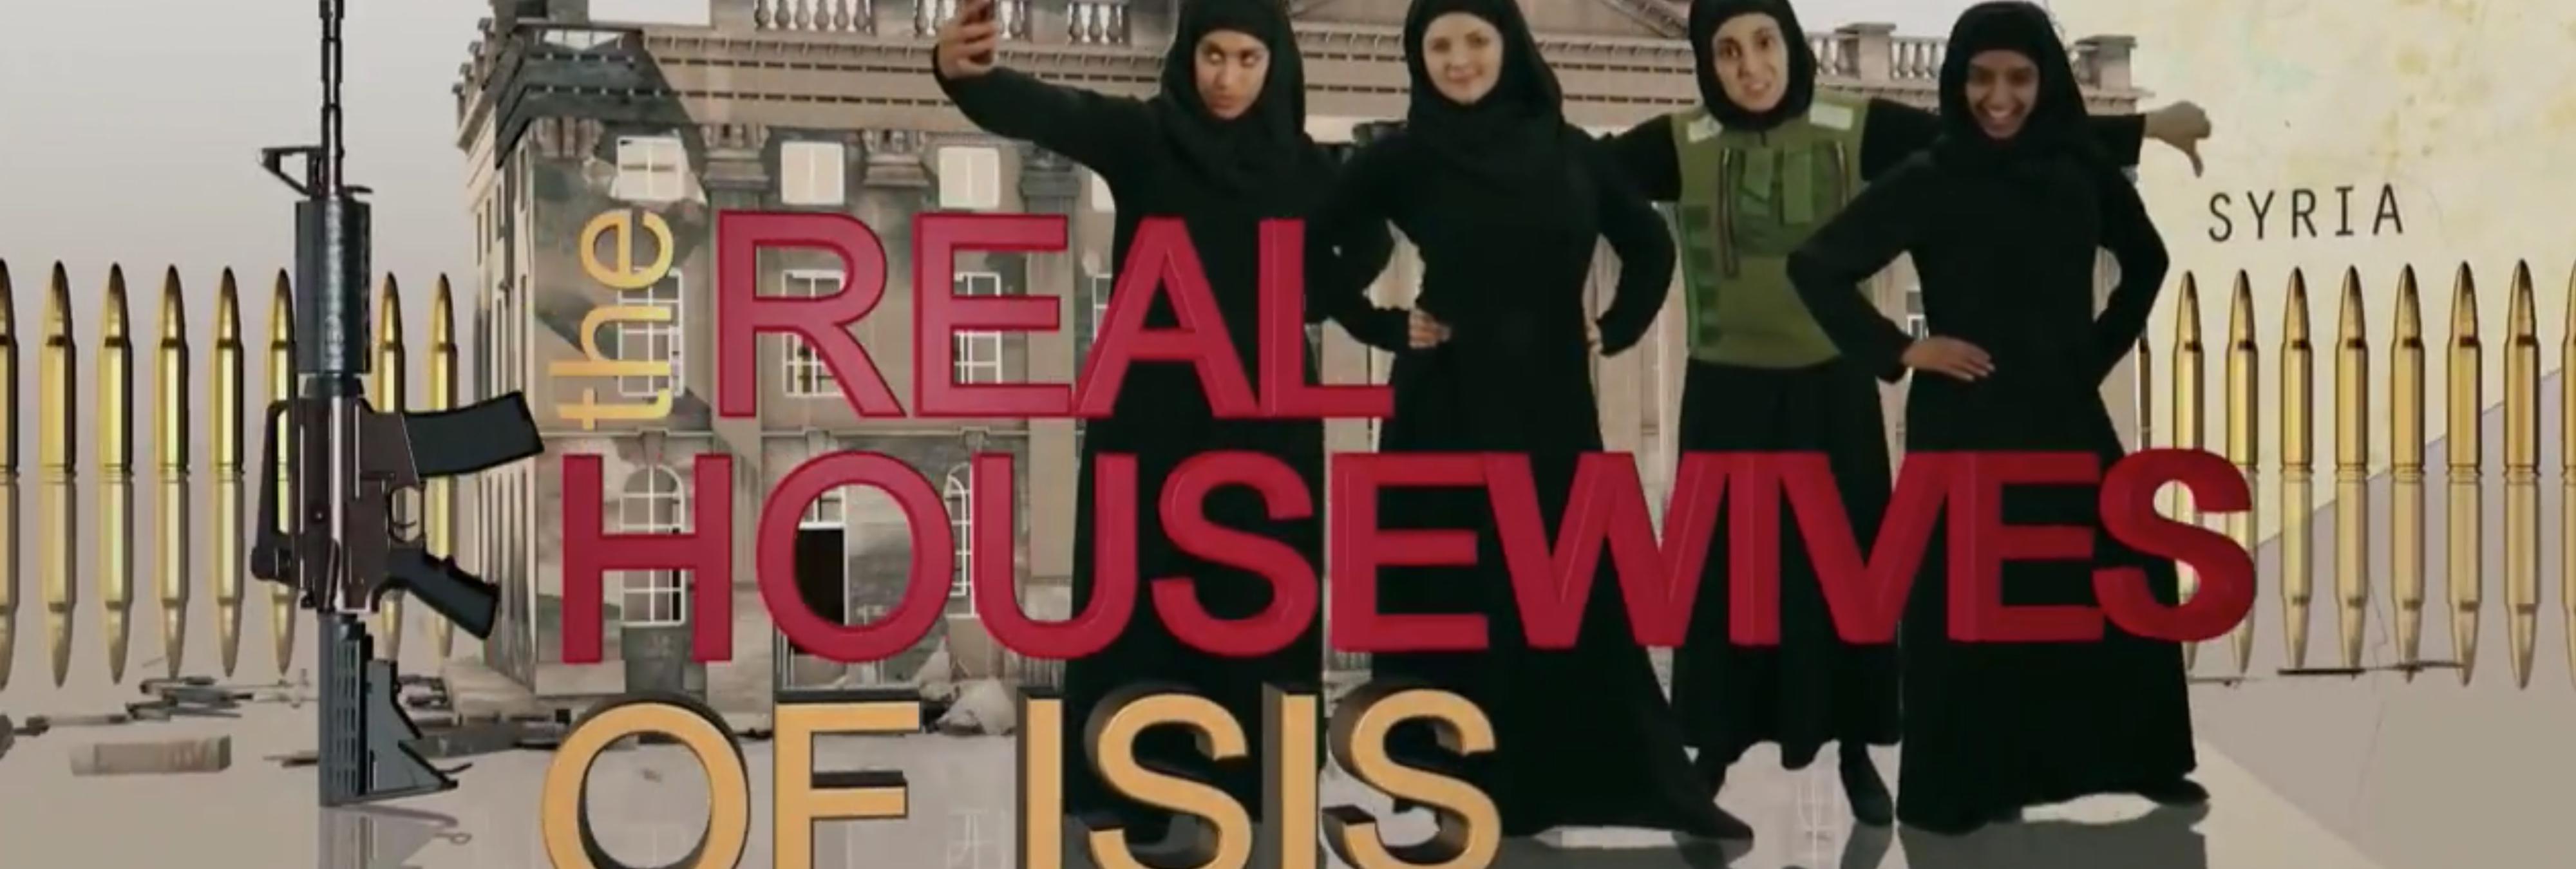 La BBC emite un sketch donde parodian a 'las amas de casa del ISIS'